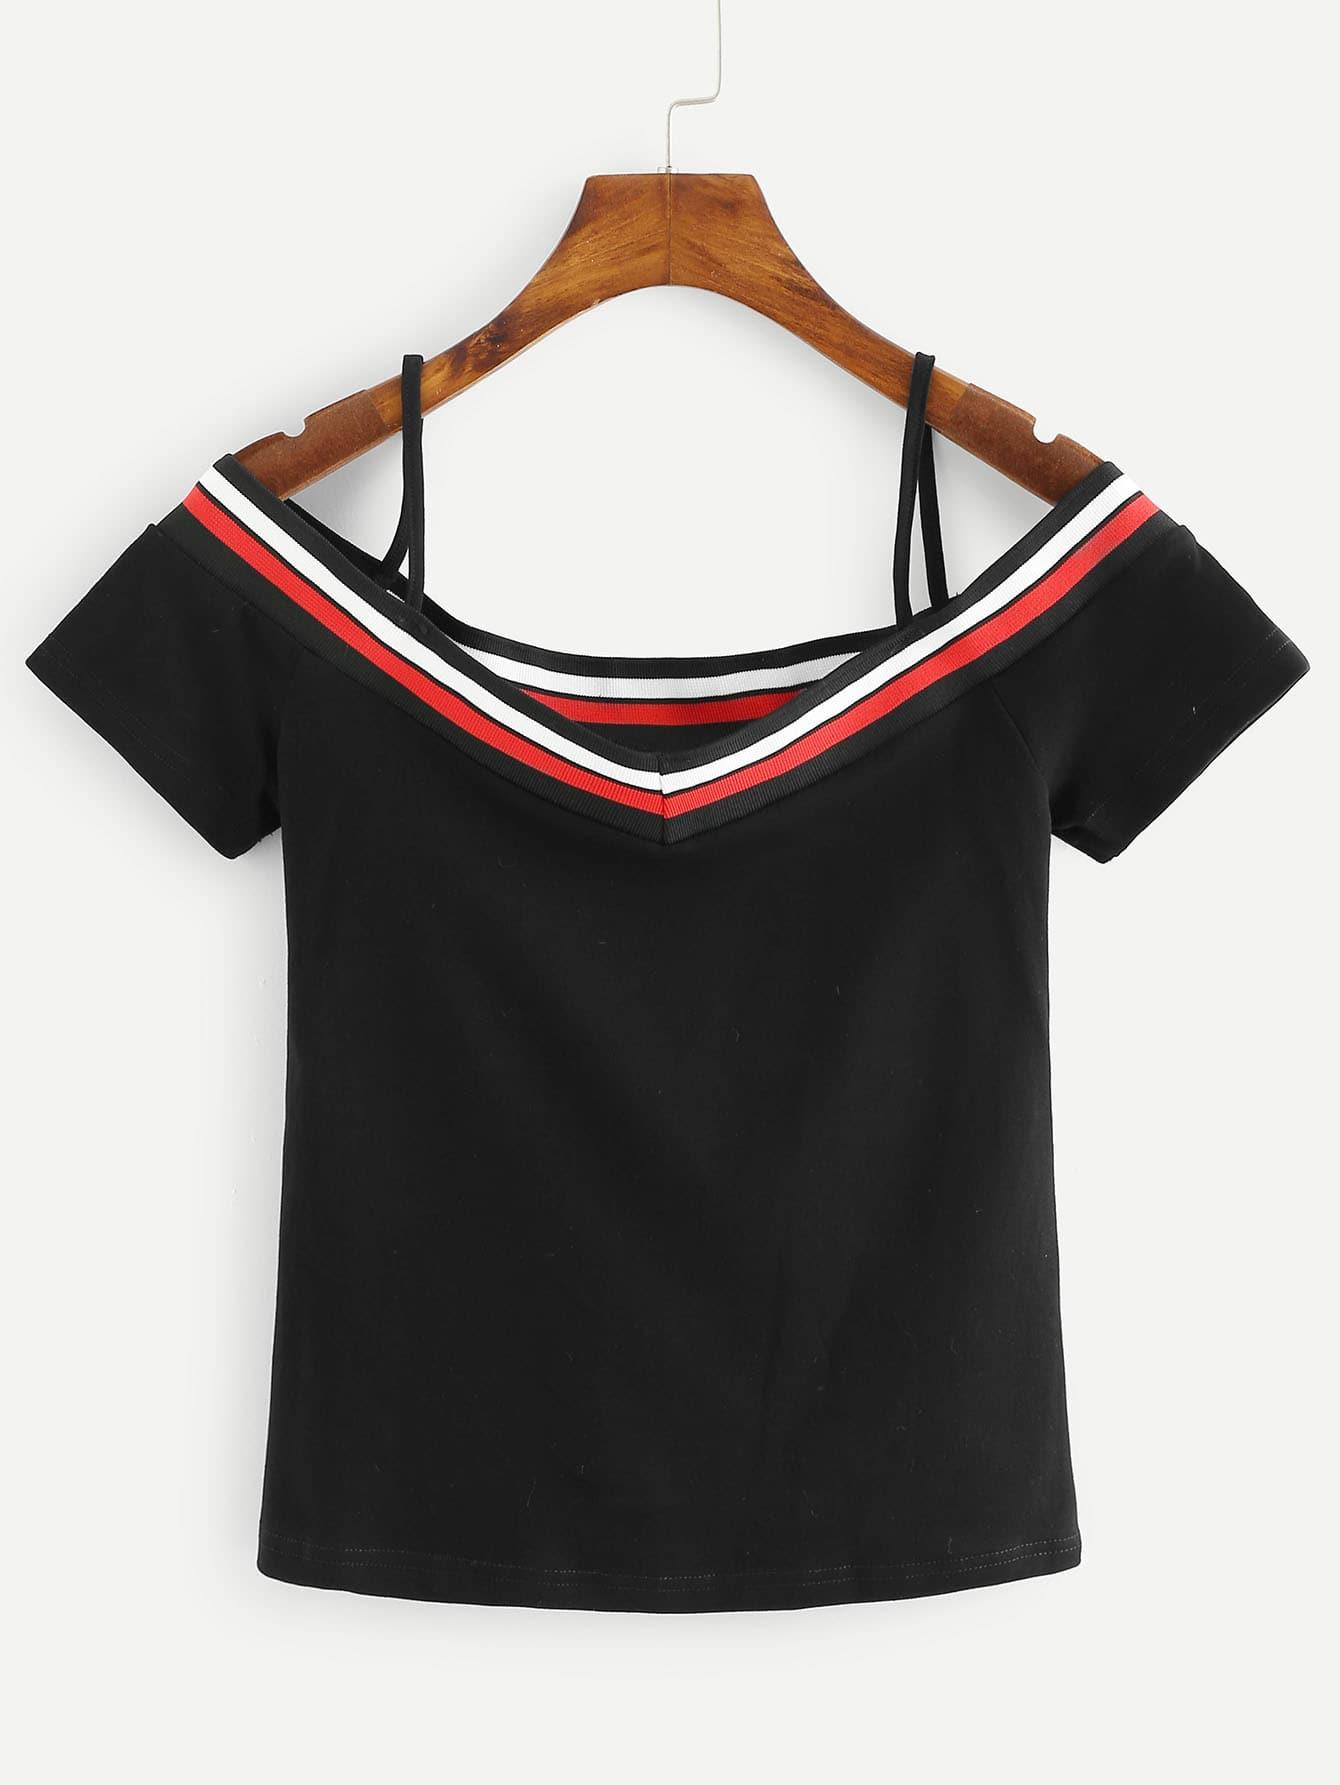 T-Shirt mit Cut Out auf dem Ausschnitt und Streifen